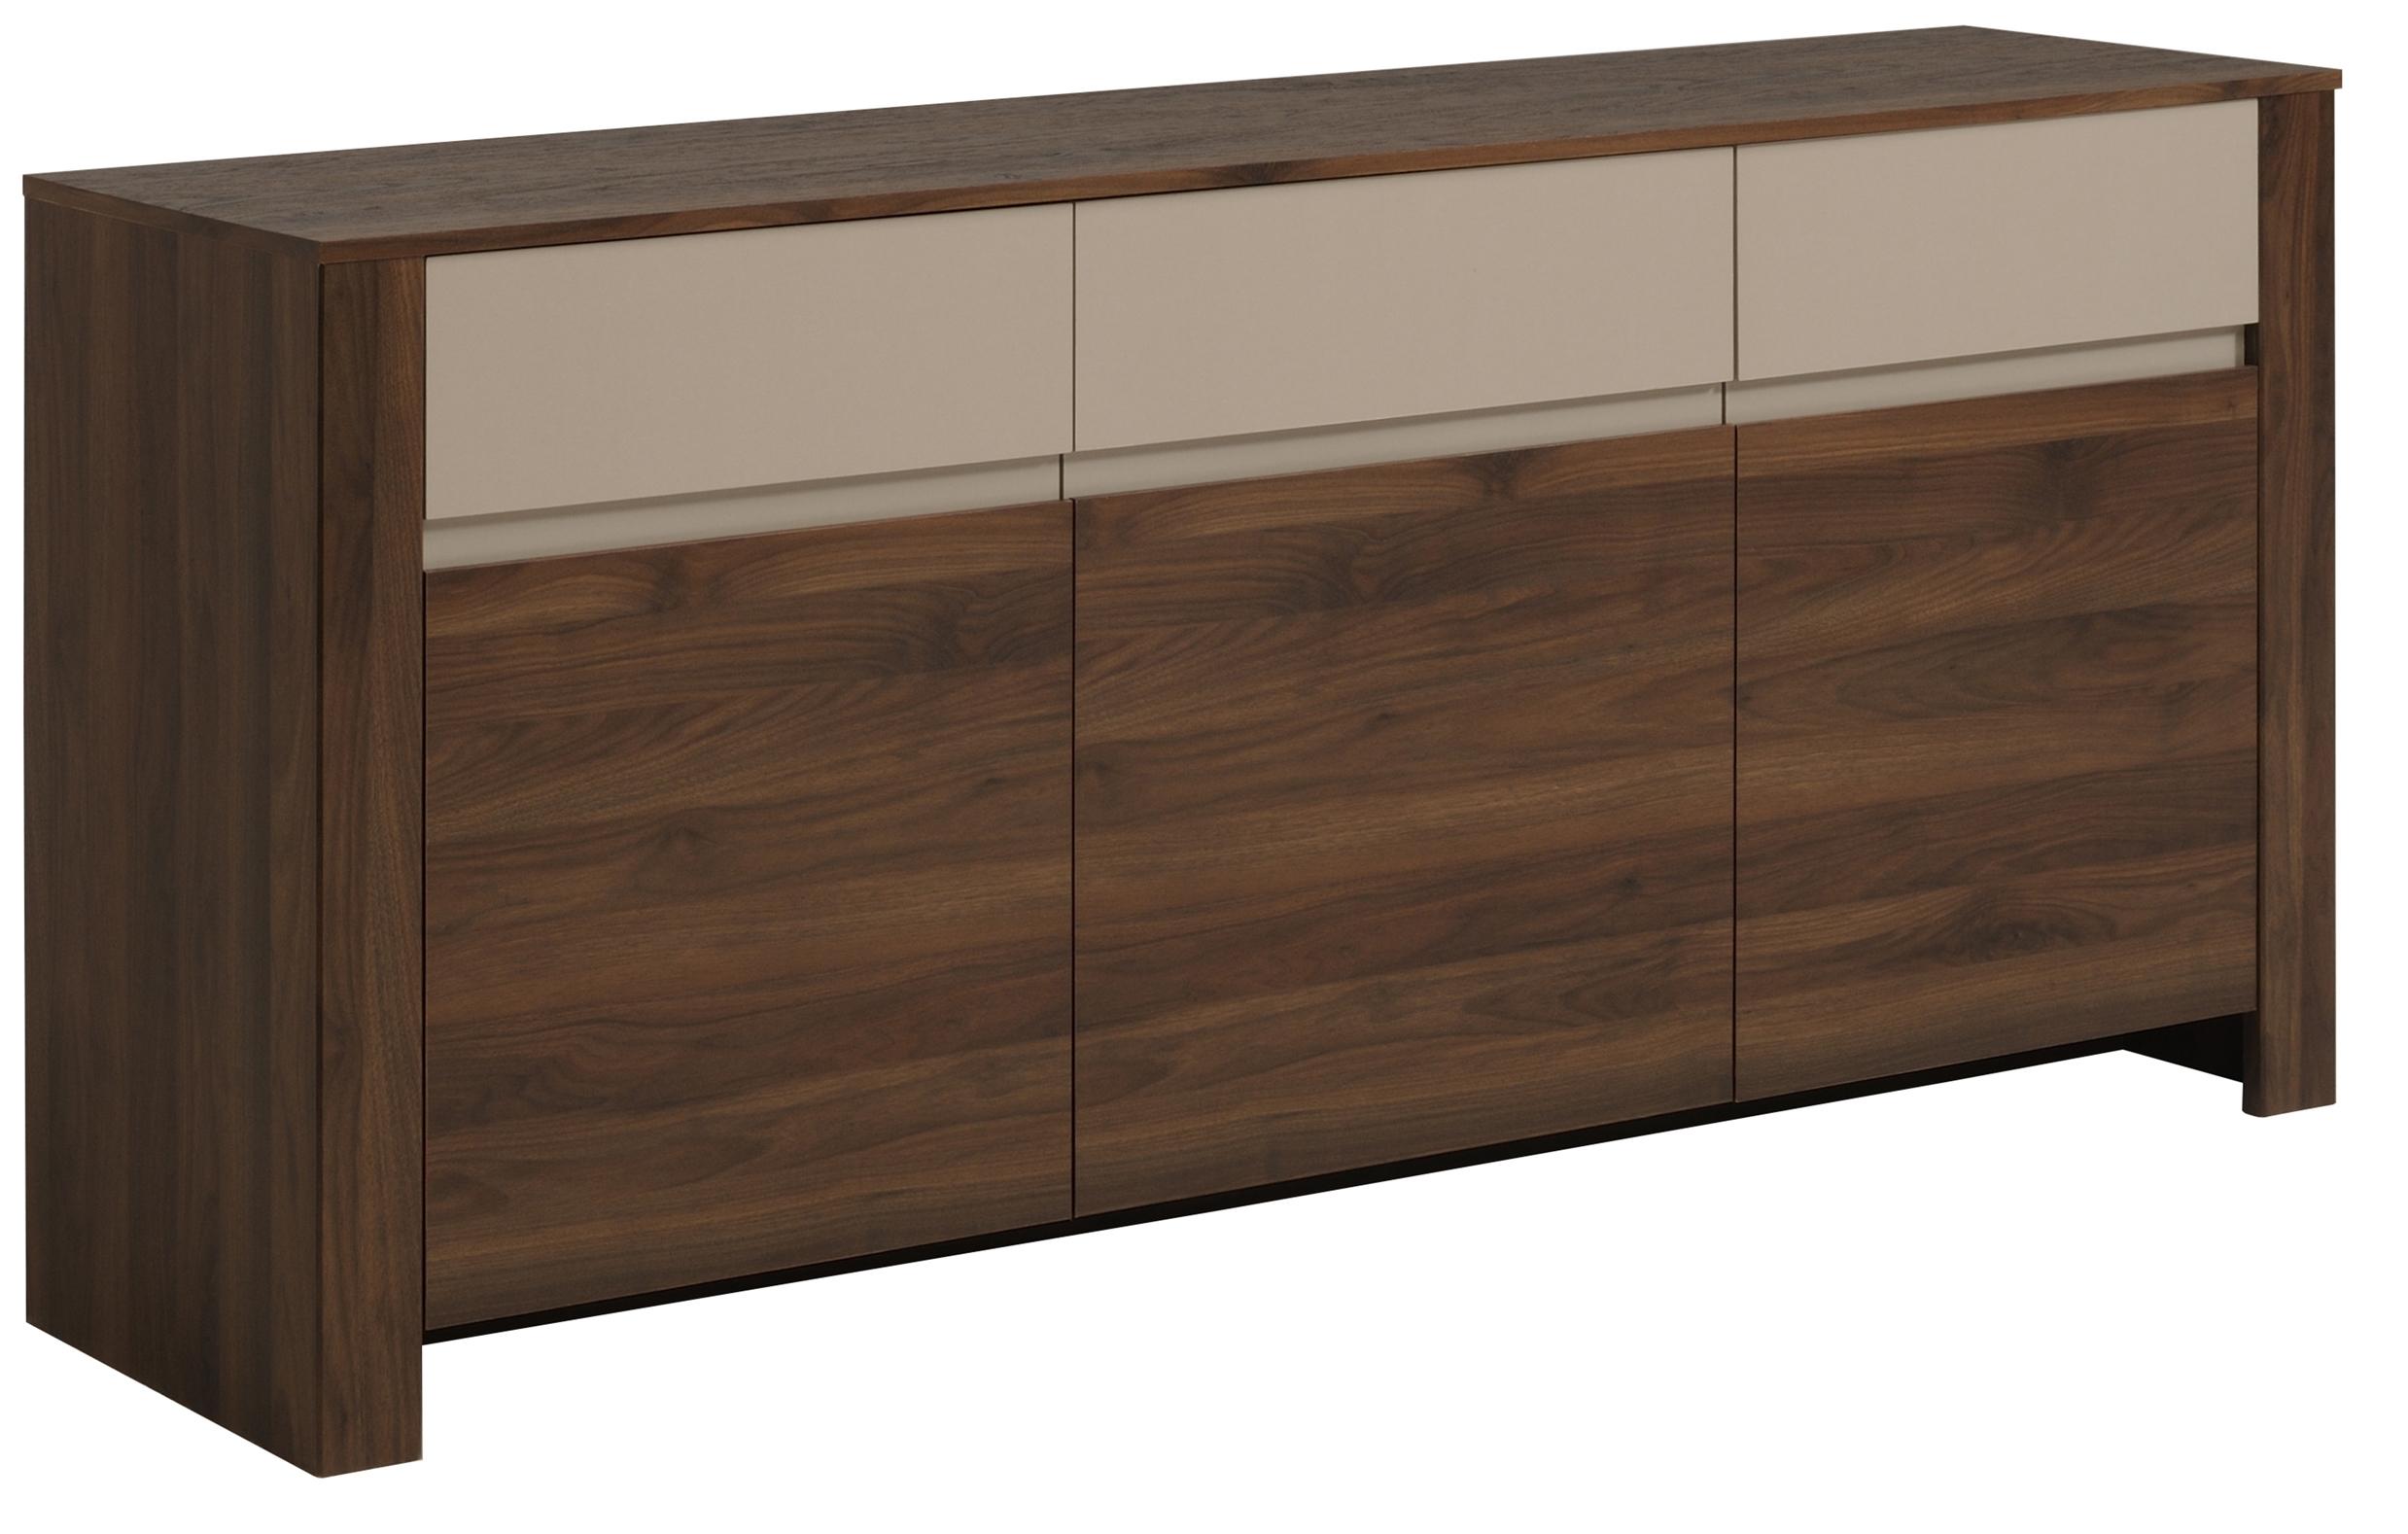 enfilade 3 portes 1 tiroir noyer brazil et beige habitat. Black Bedroom Furniture Sets. Home Design Ideas